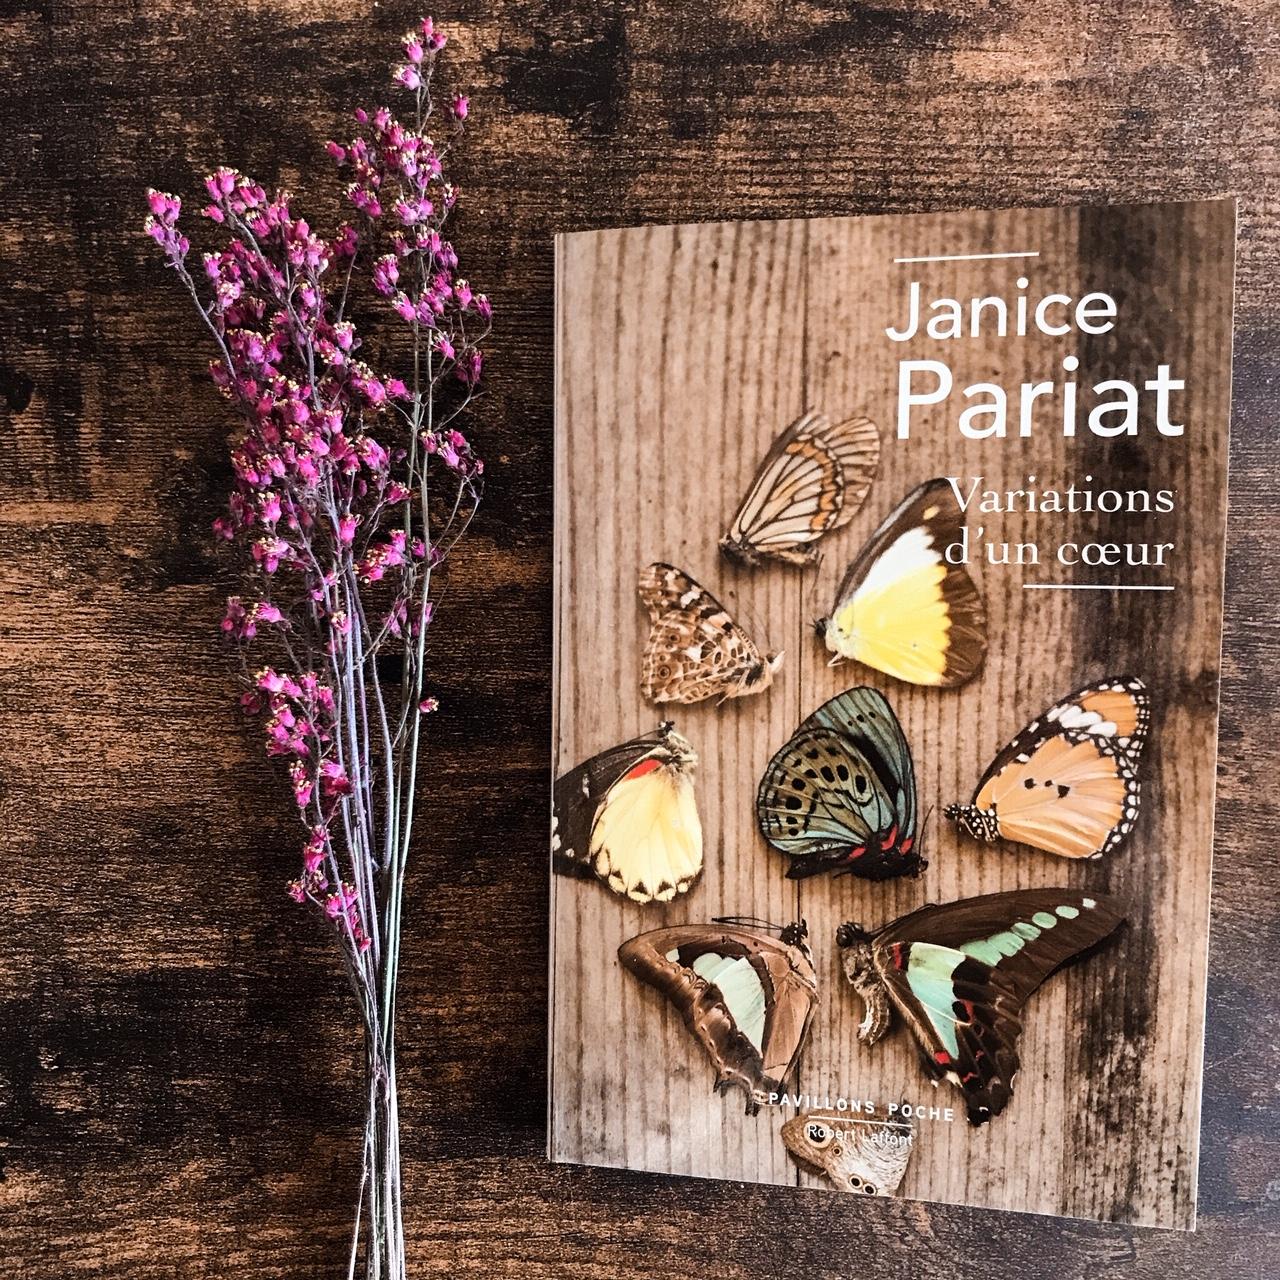 Variations d'un coeur, de Janice Pariat : la femme origami